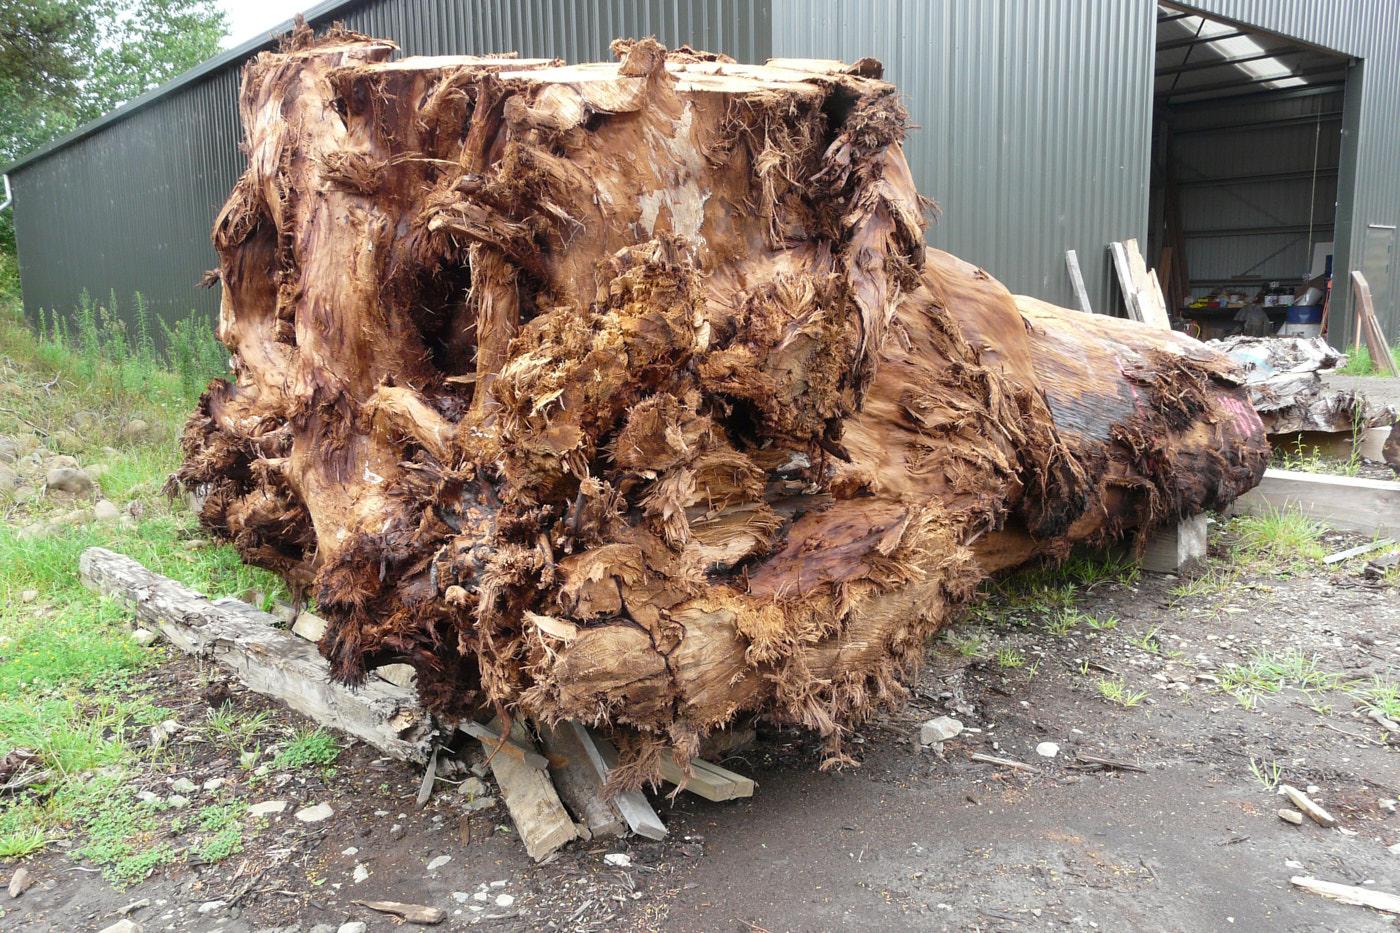 Kauri Holztische aus kostbarem Wurzelholz mit einzigartigem Naturwuchs, tausendjähriger Wurzelstamm für außergewöhnliche Baumstammtische, große Esstische und Konferenztische